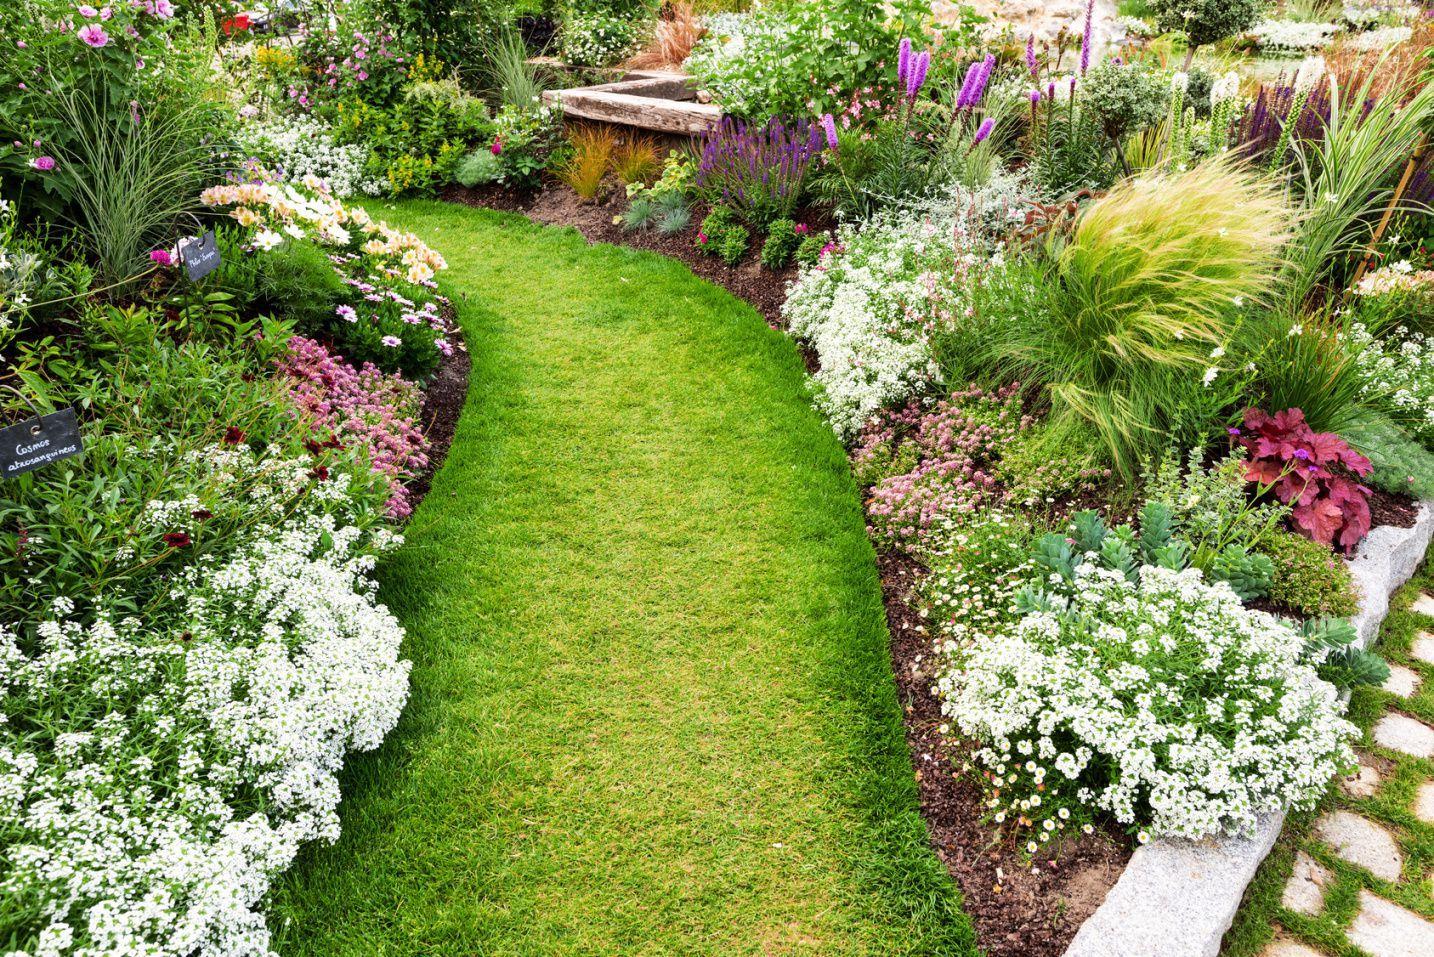 10 Unique Design Landscape Garden Landscape Design Beautiful Gardens Landscape Garden Design